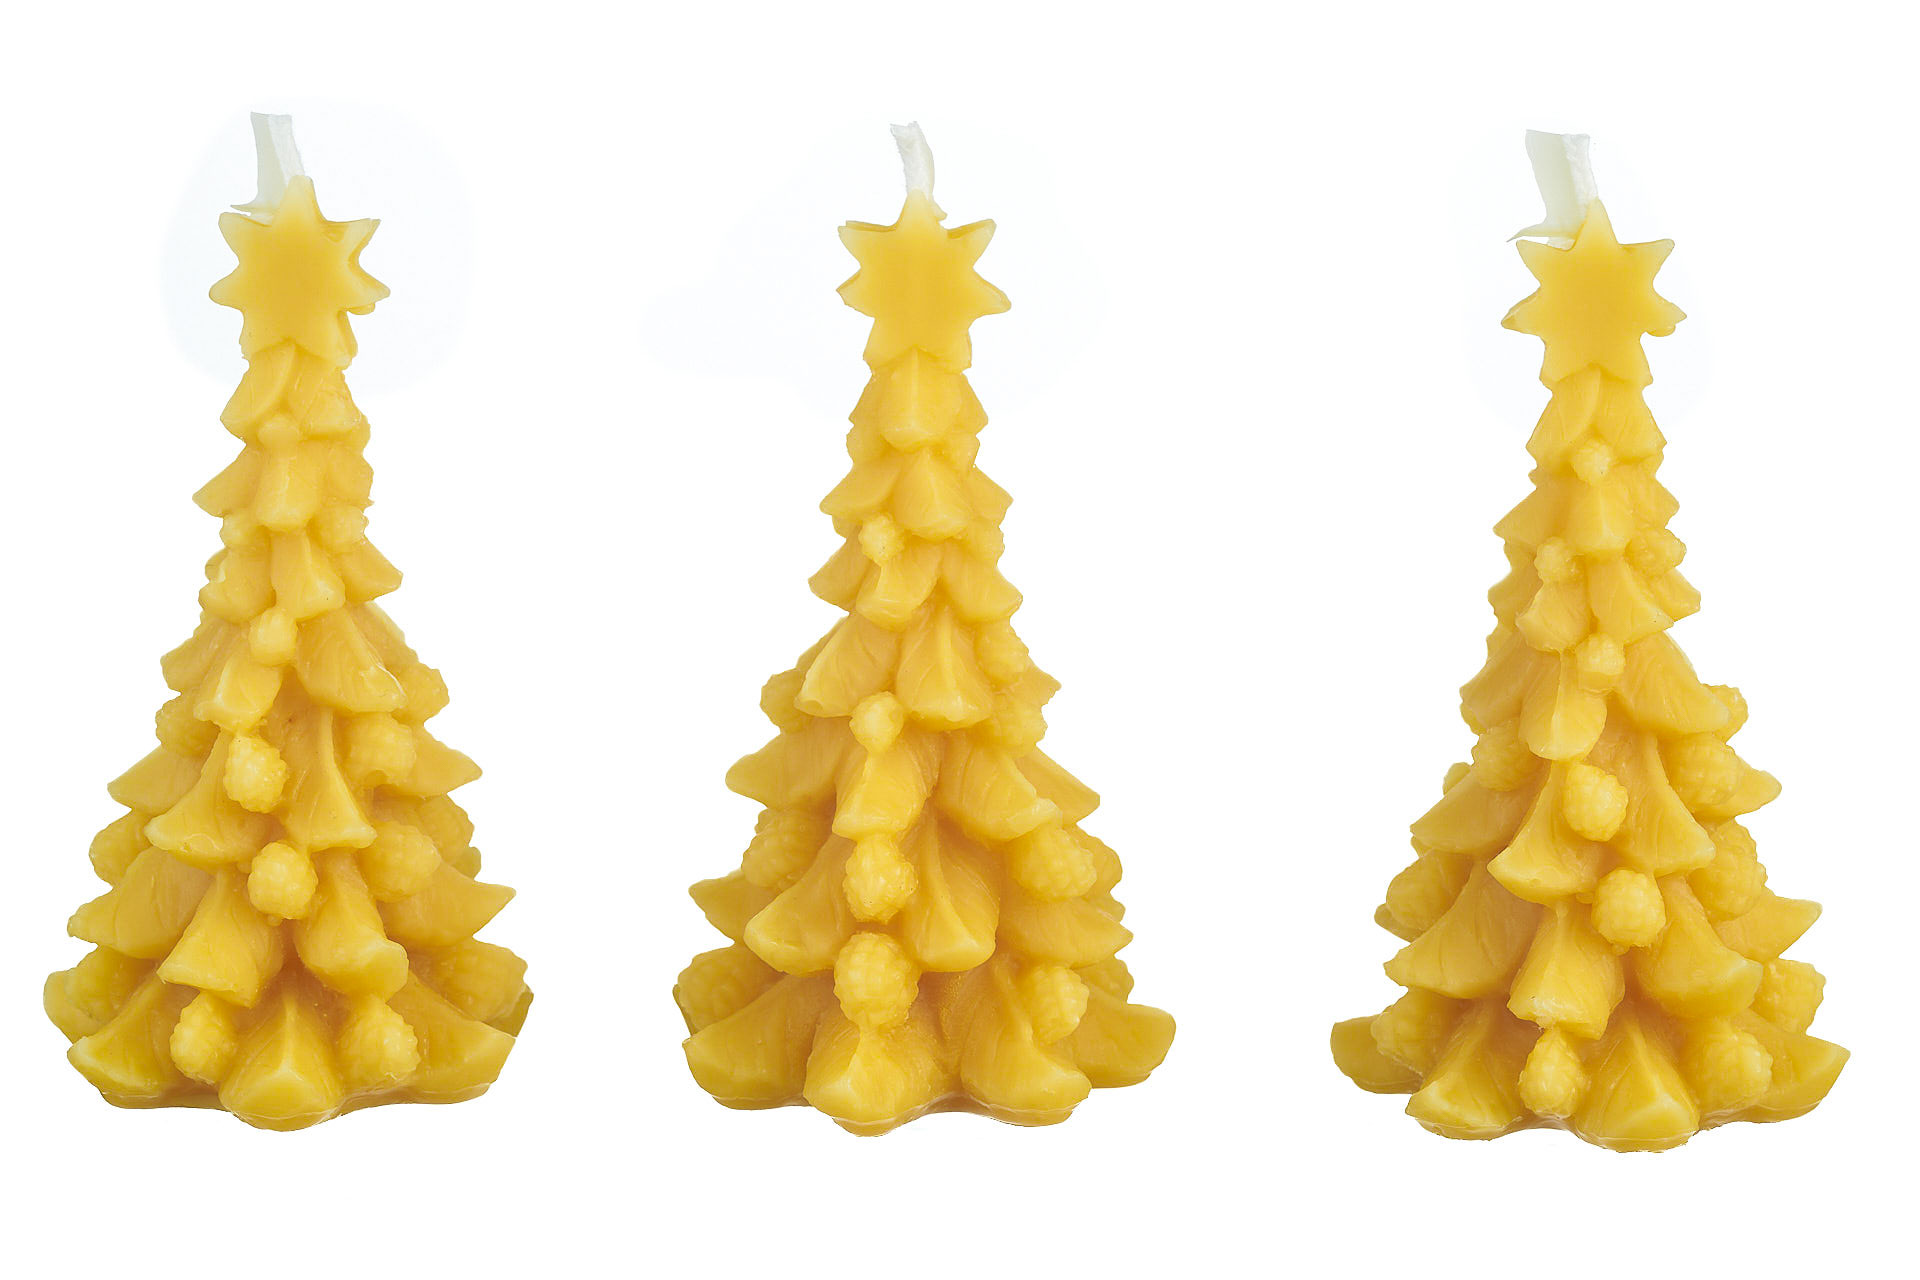 3x Tannenbaum mit Stern (Höhe ca. 11cm) aus 100% Bienenwachs vom Imker